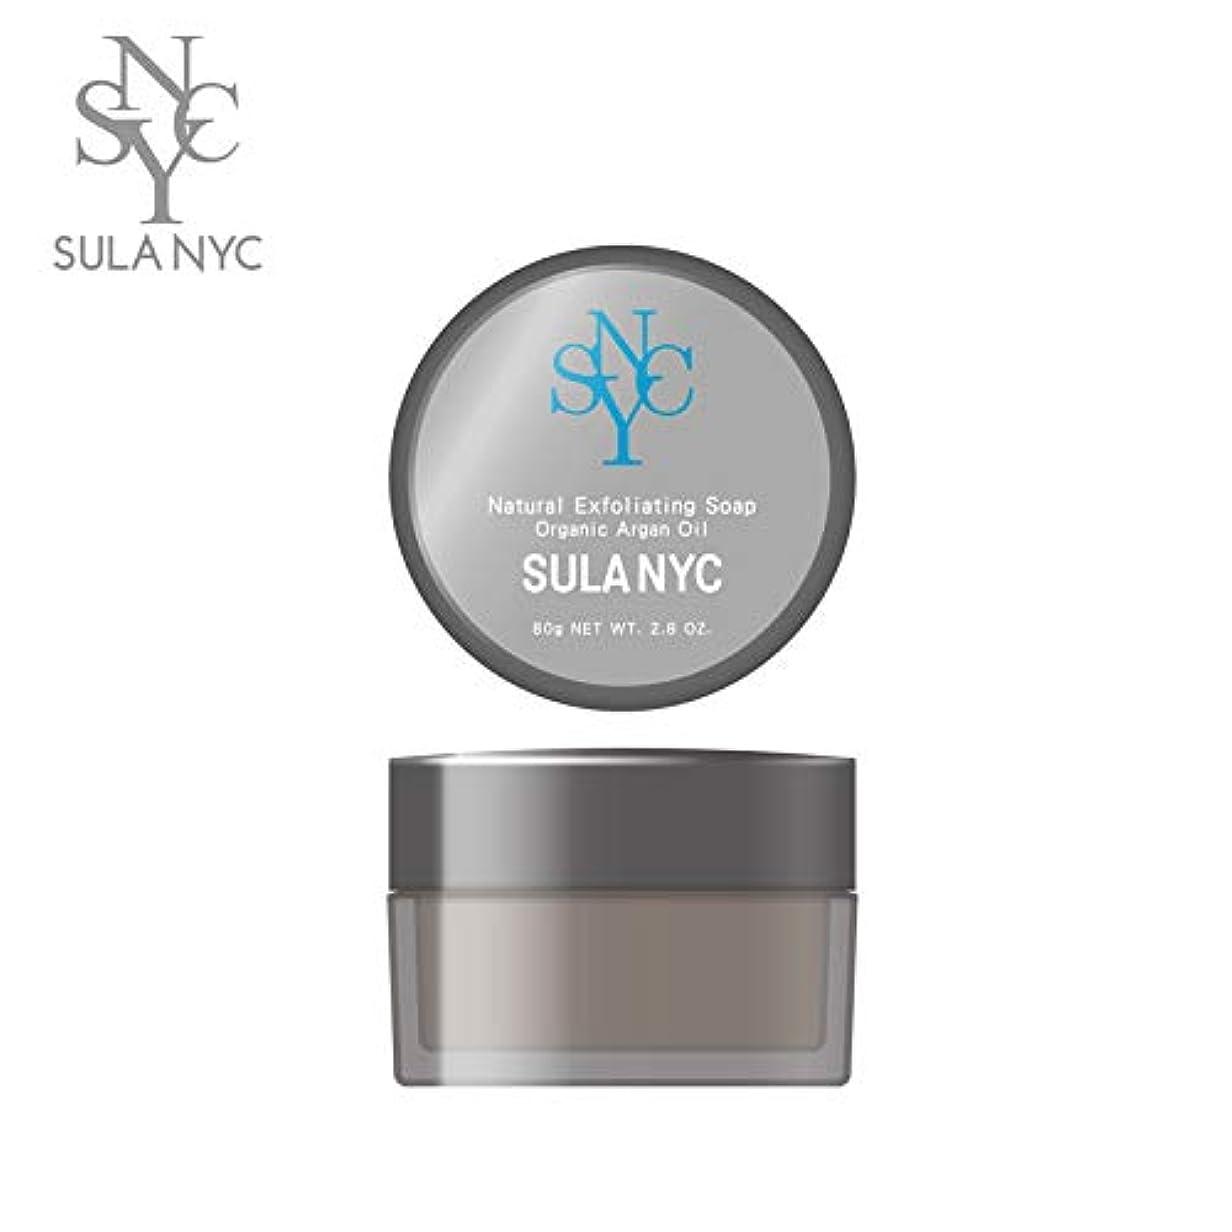 好戦的な突然薬を飲むSULA NYC スーラ エヌワイシー ナチュラル エクスフォリュイティング ソープ 80g アルガンオイル